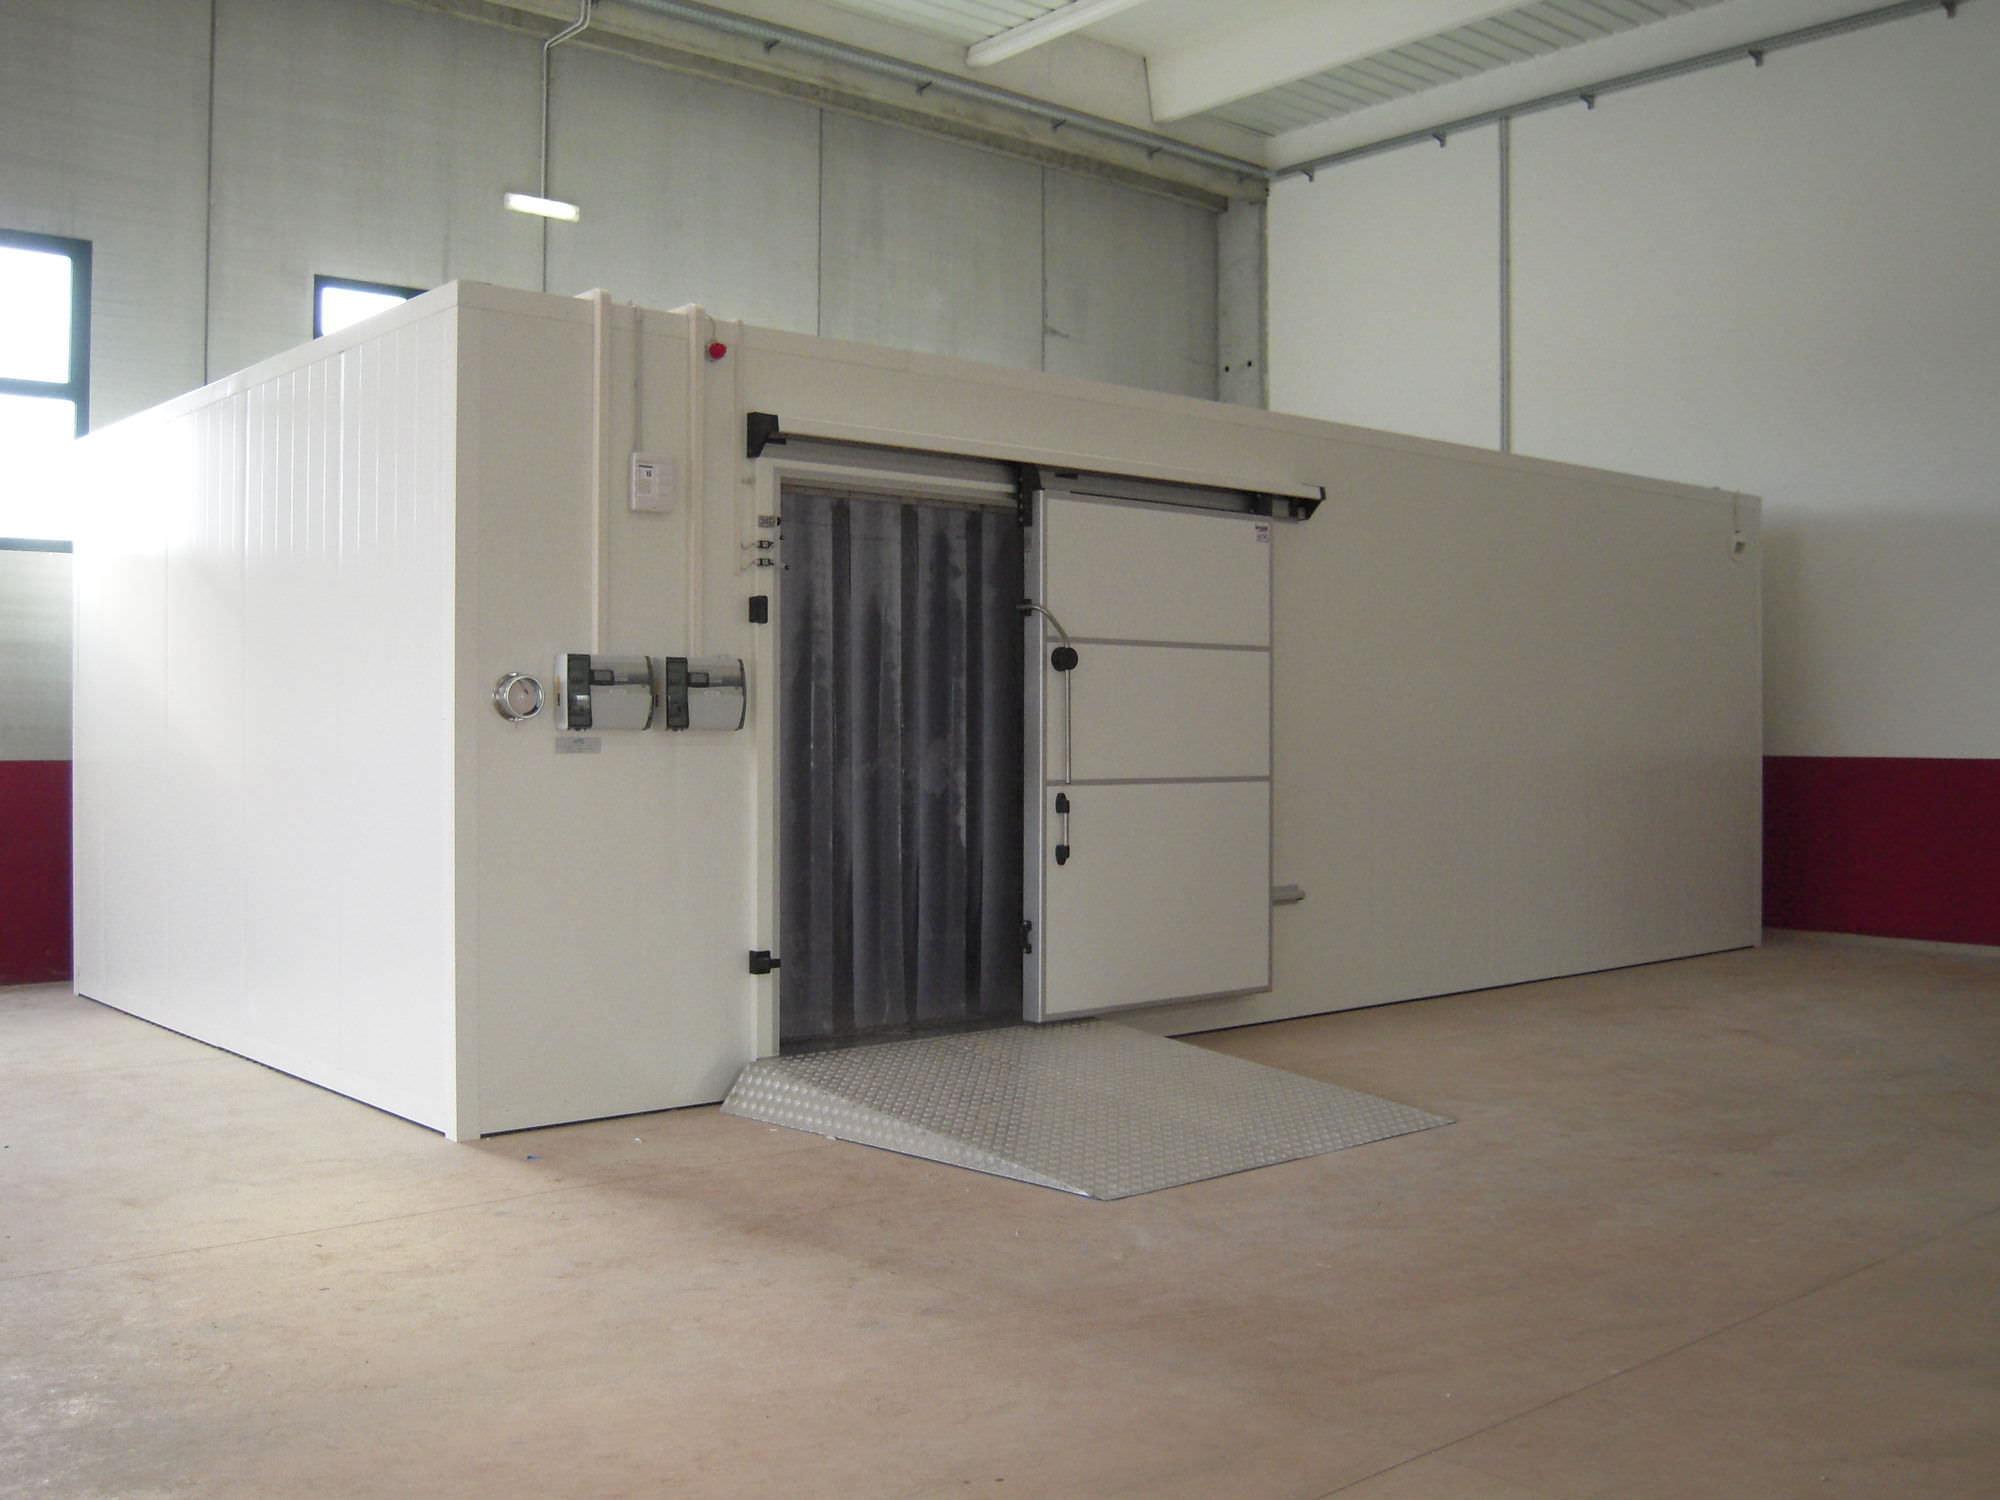 Chambre froide positive : les systèmes réfrigérés